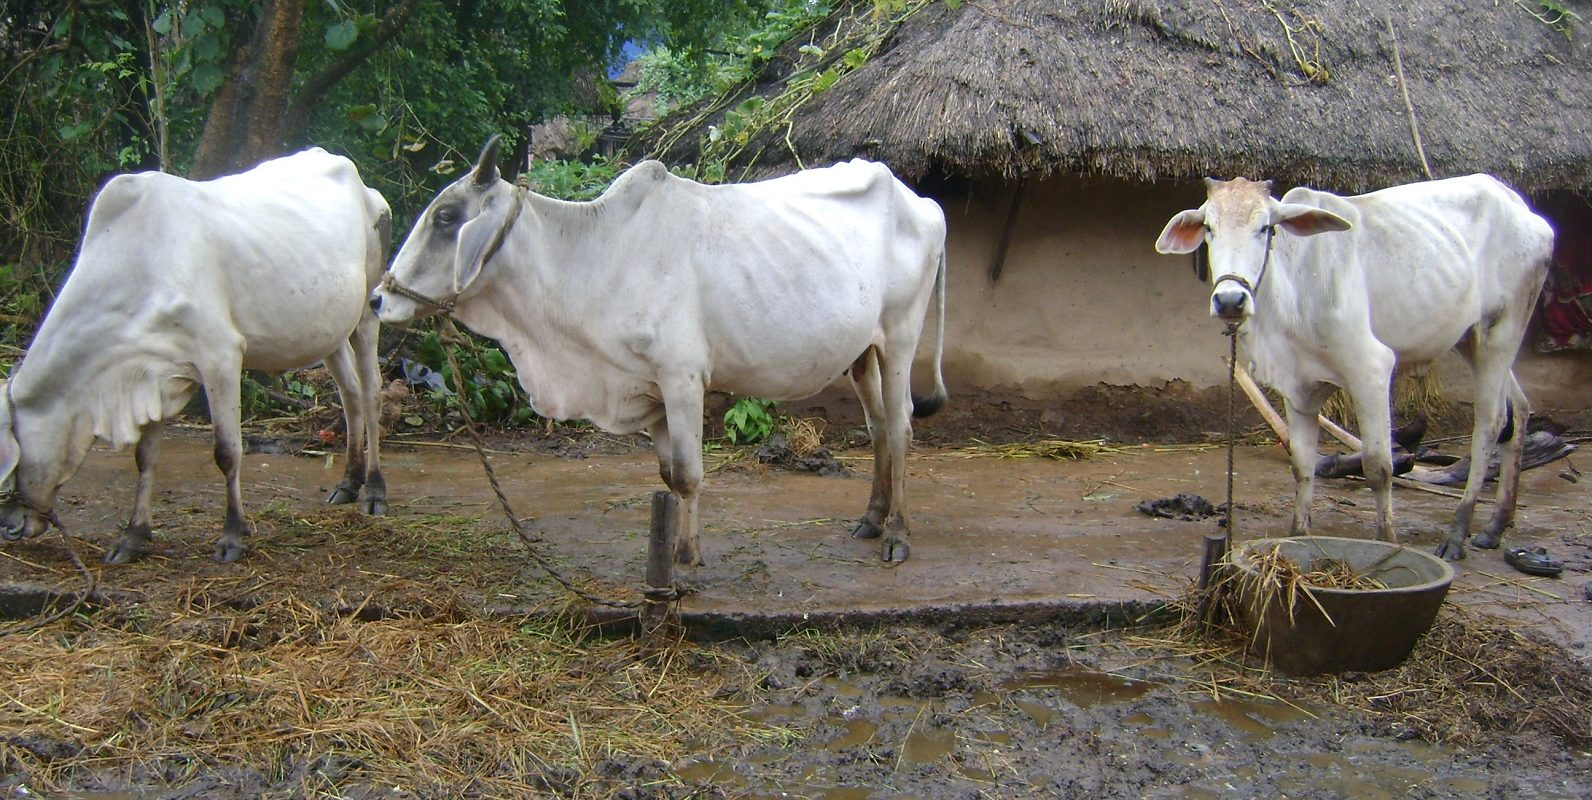 Durch fehlende Nahrung nach der Flut in Indien sind viele Tiere stark geschwaecht